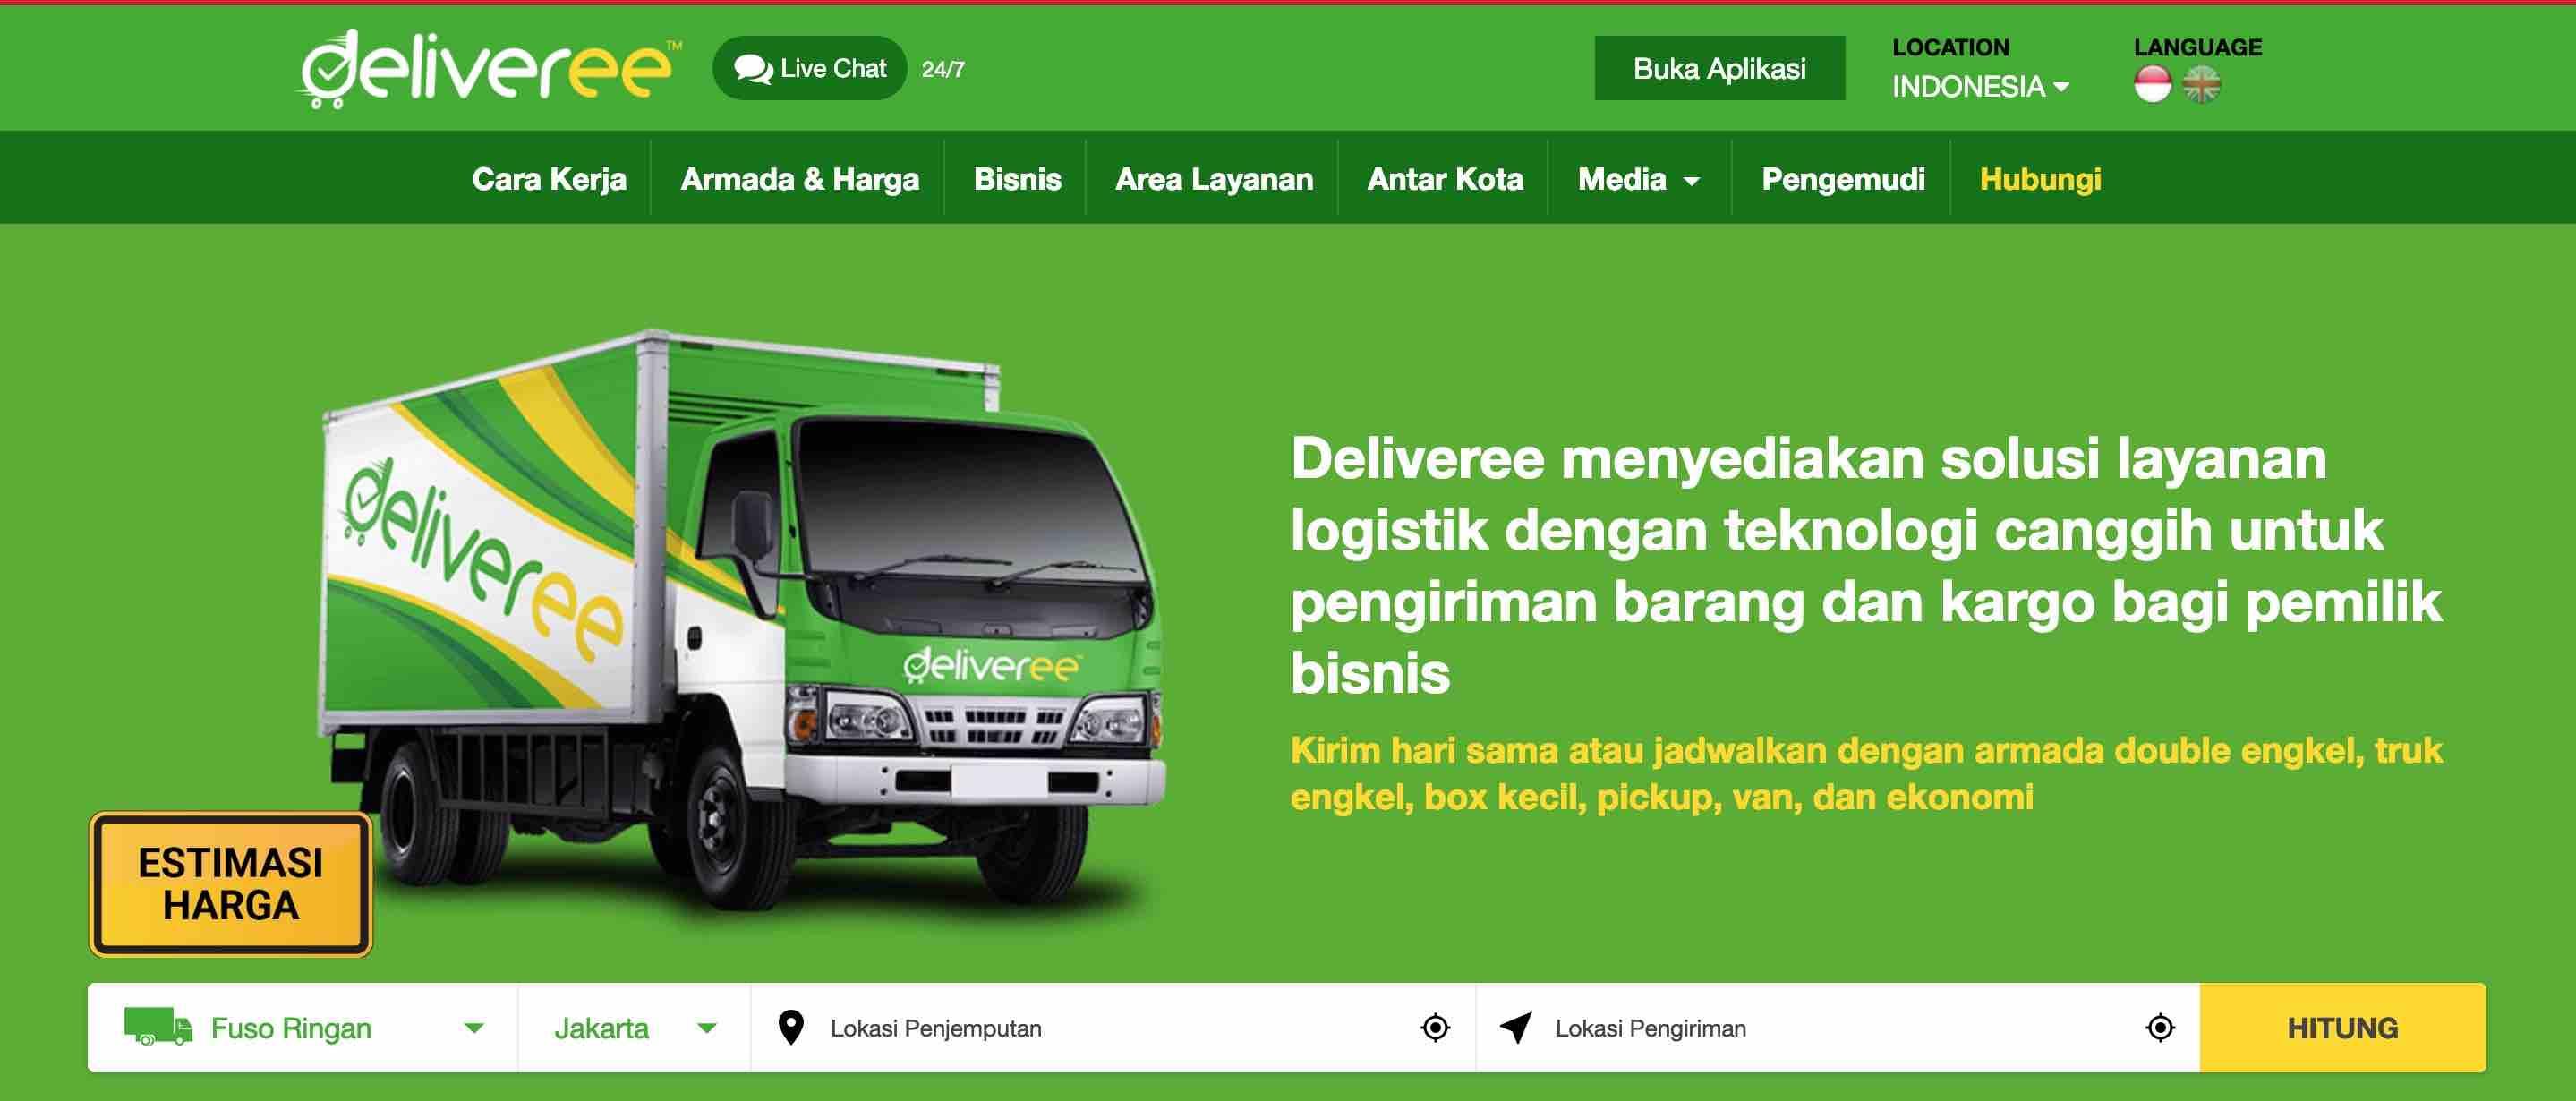 Promo Deliveree